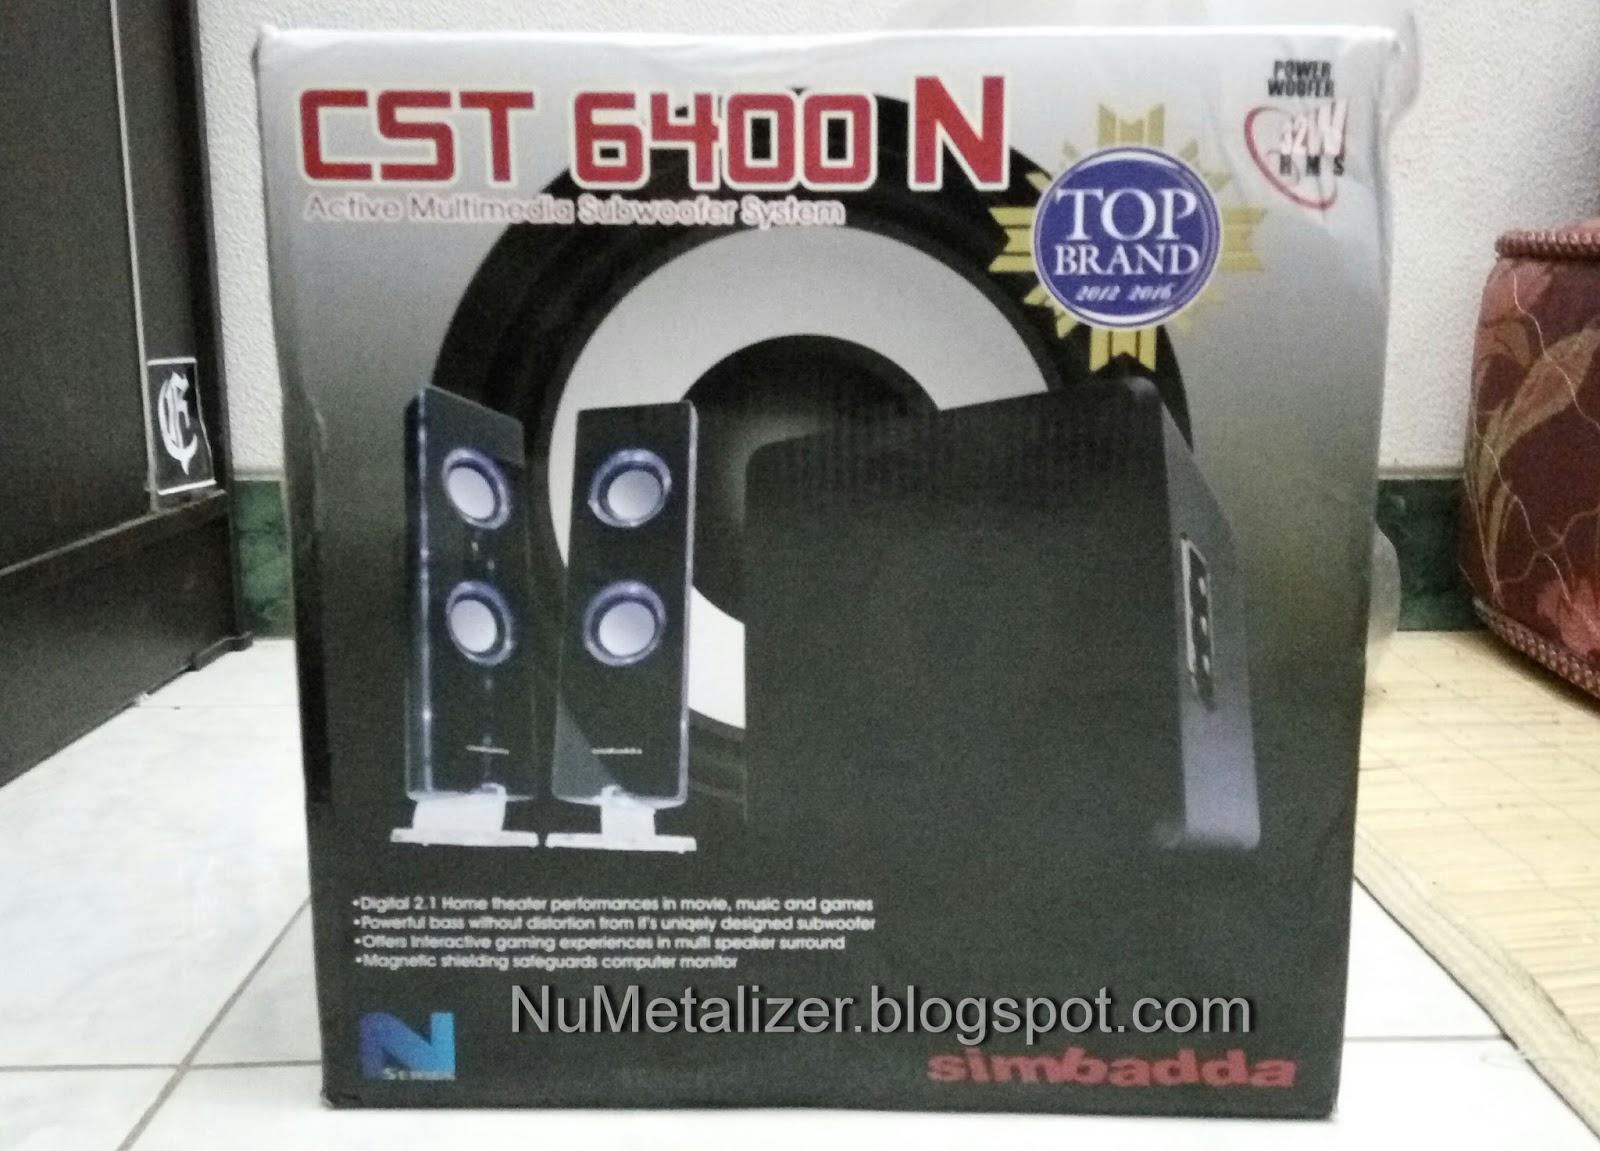 Review Speaker Simbadda Cst 6400 N Numetalizer